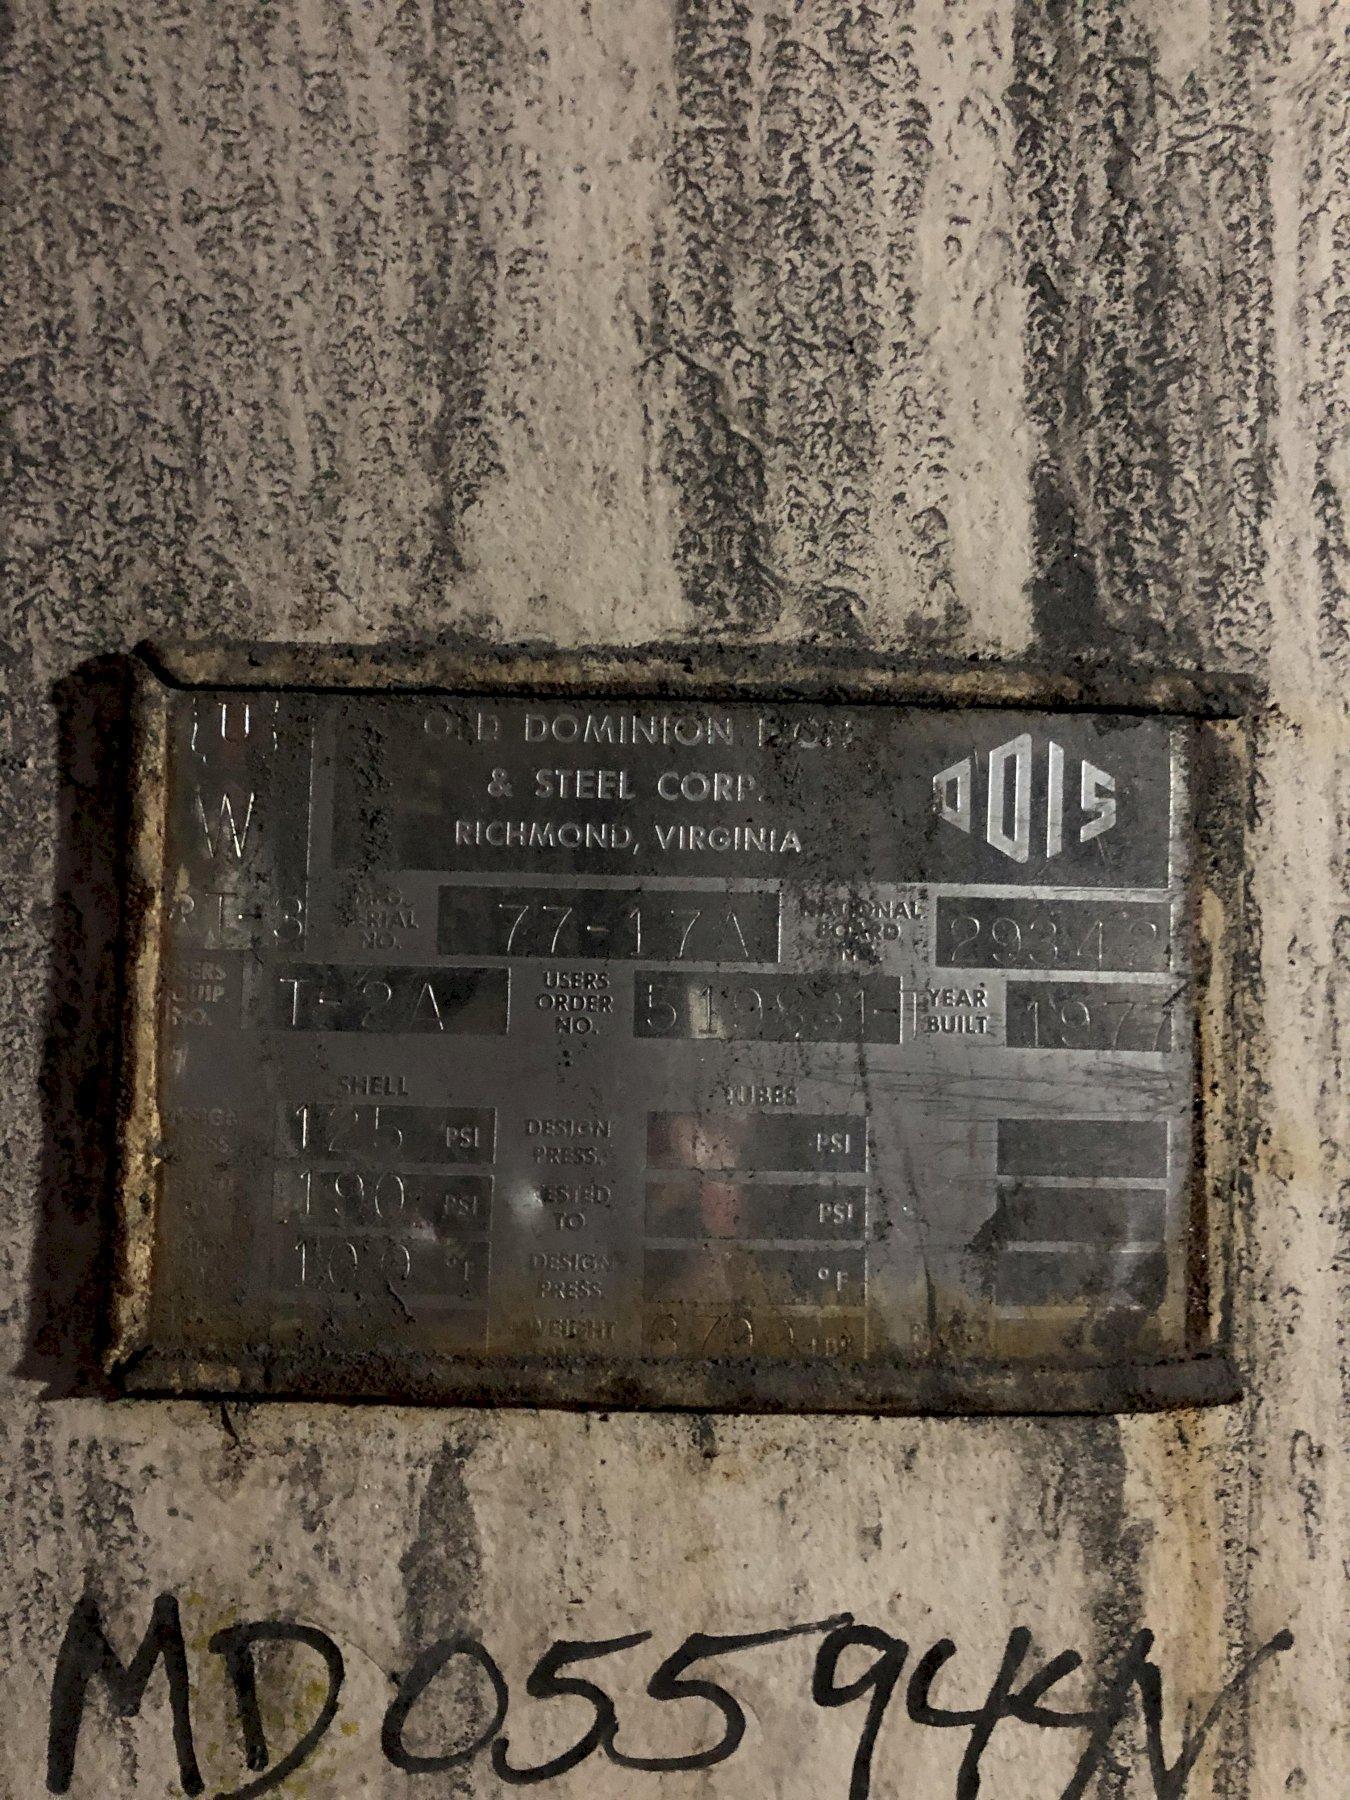 air receiver 6' x 8' tall